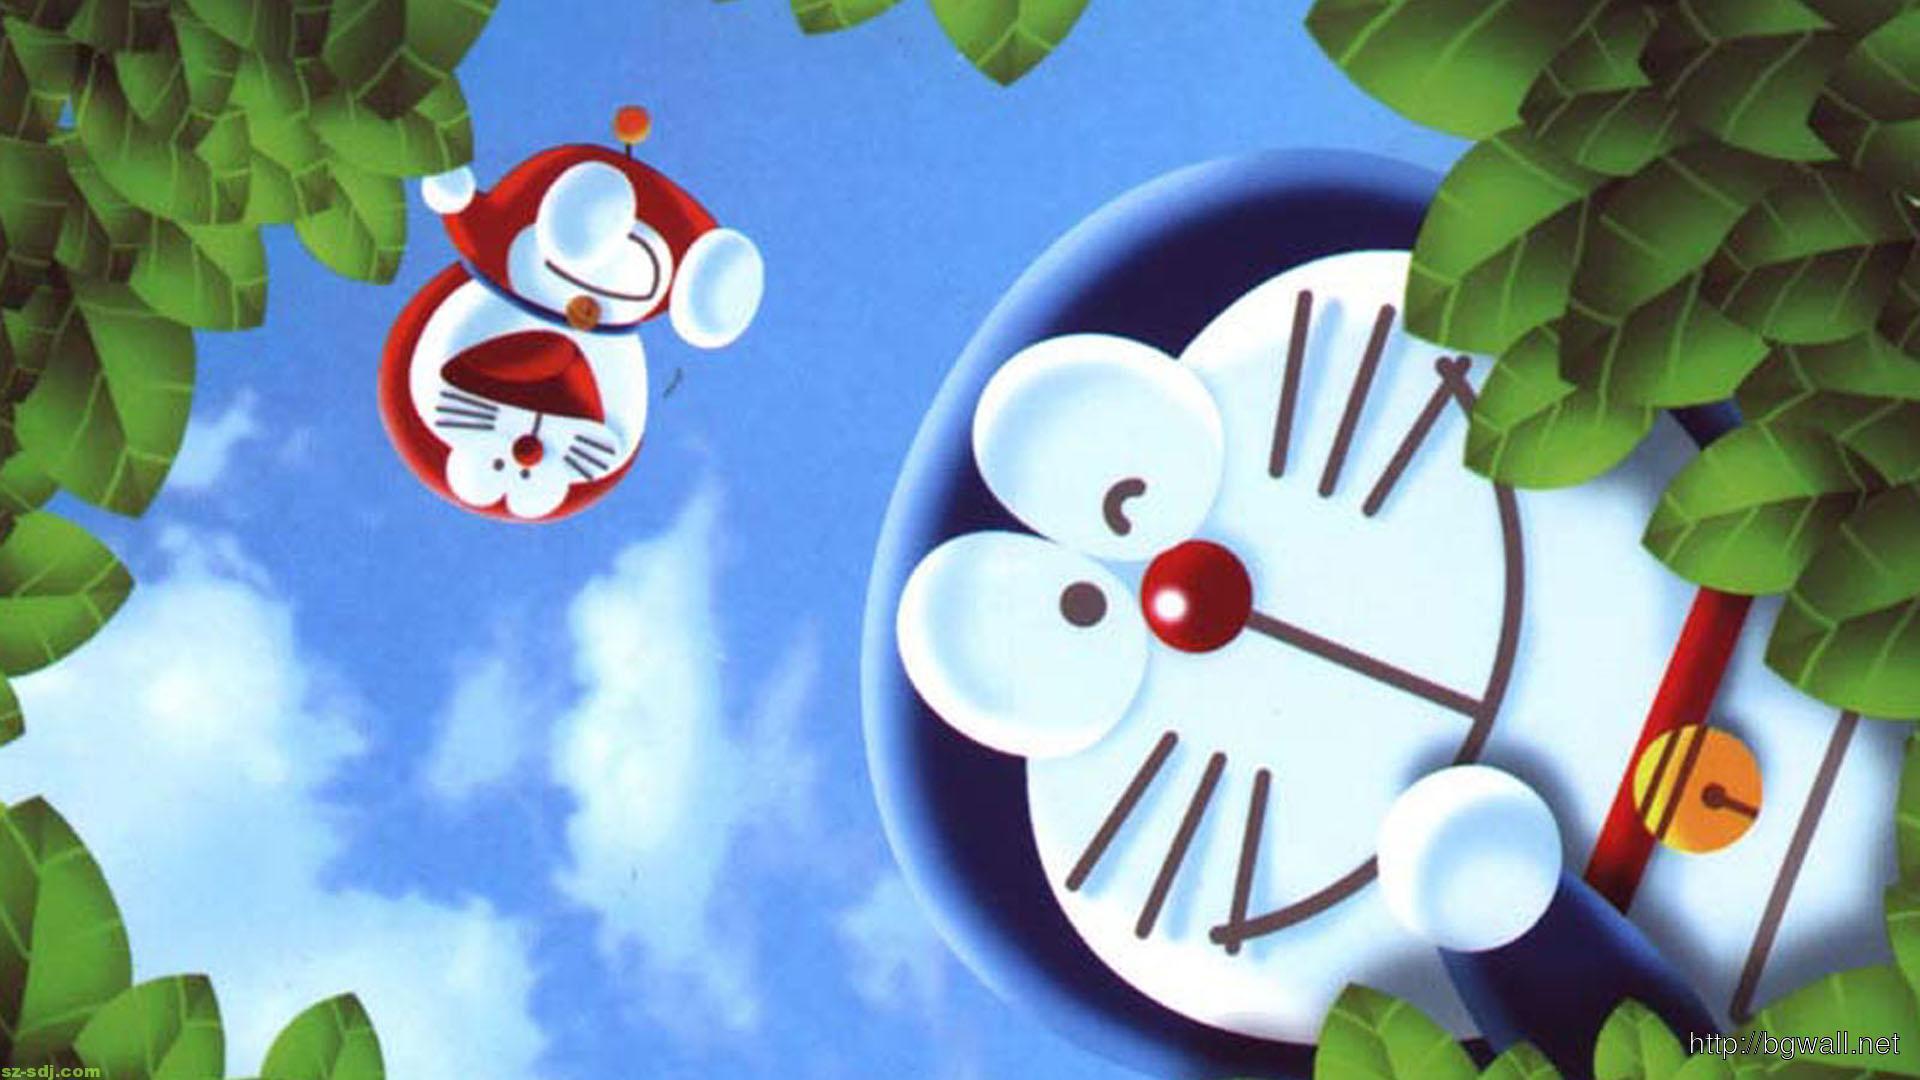 1920x1080 Hình nền Doraemon dễ thương â ????  Hình nền nền HD